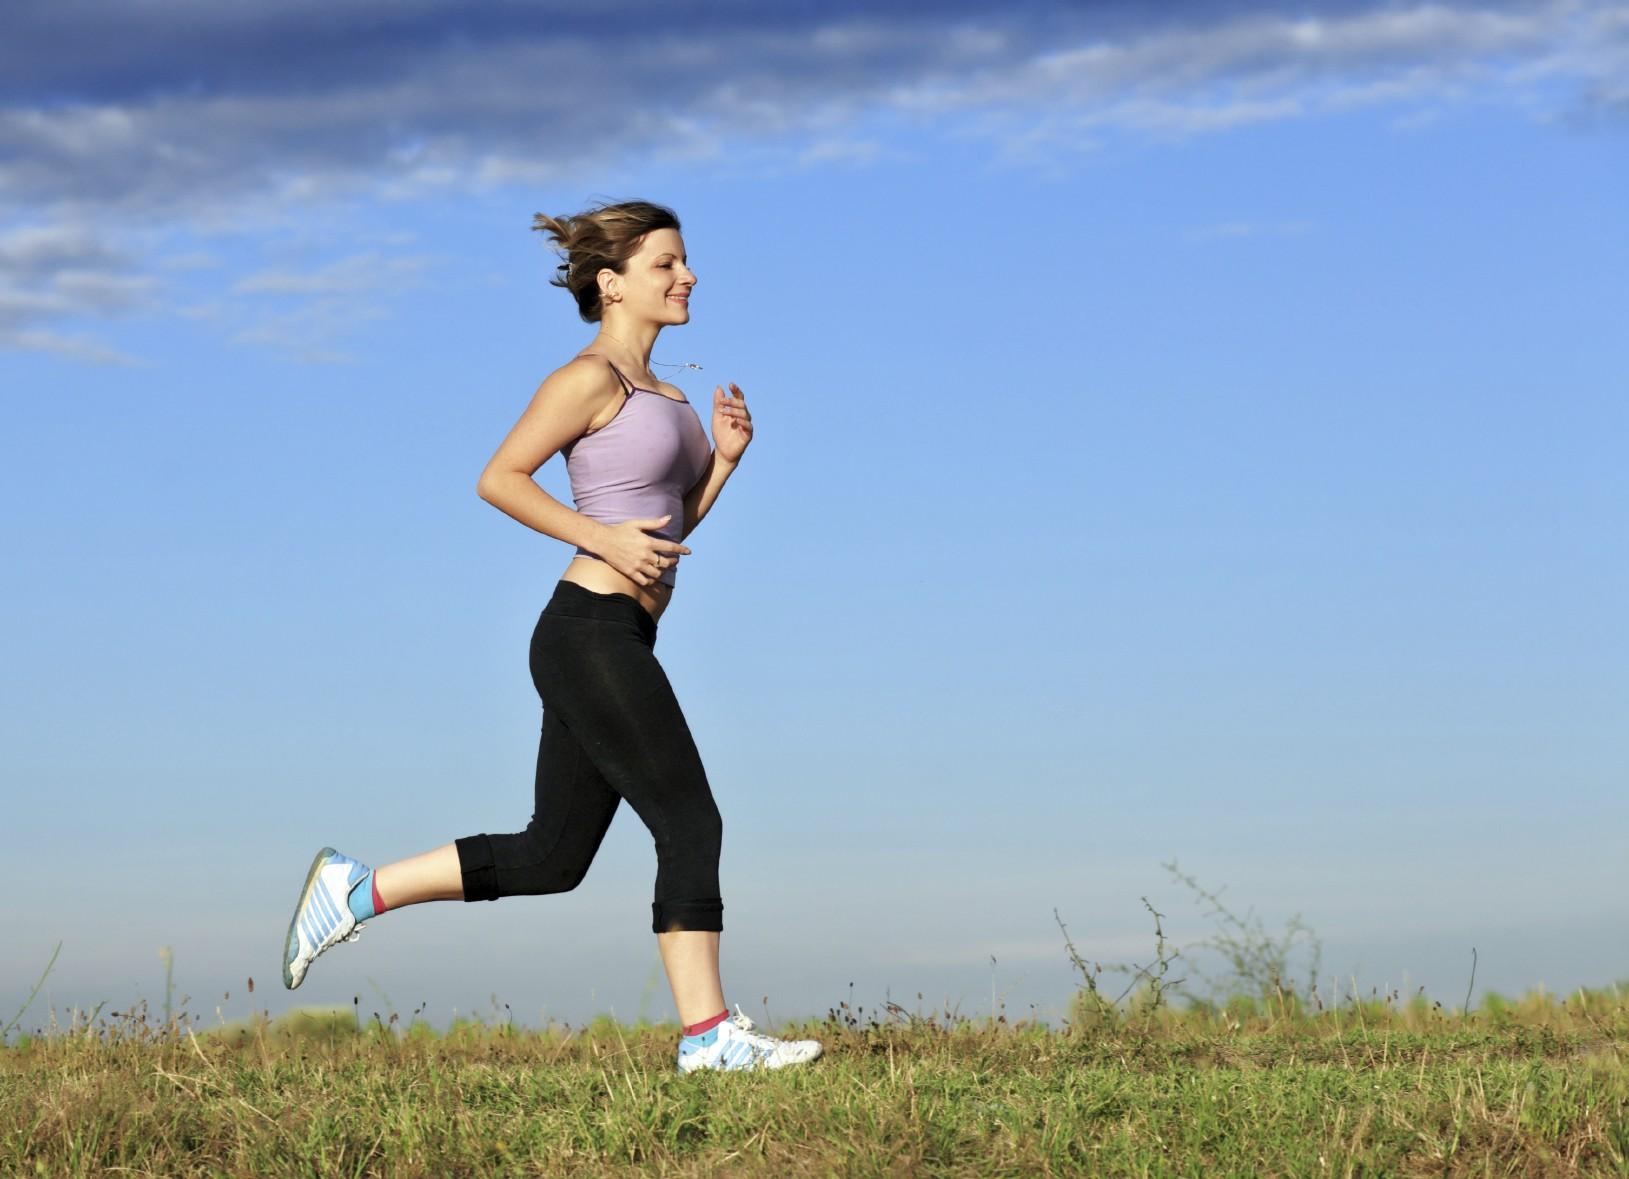 magas vérnyomás esetén sportolhat